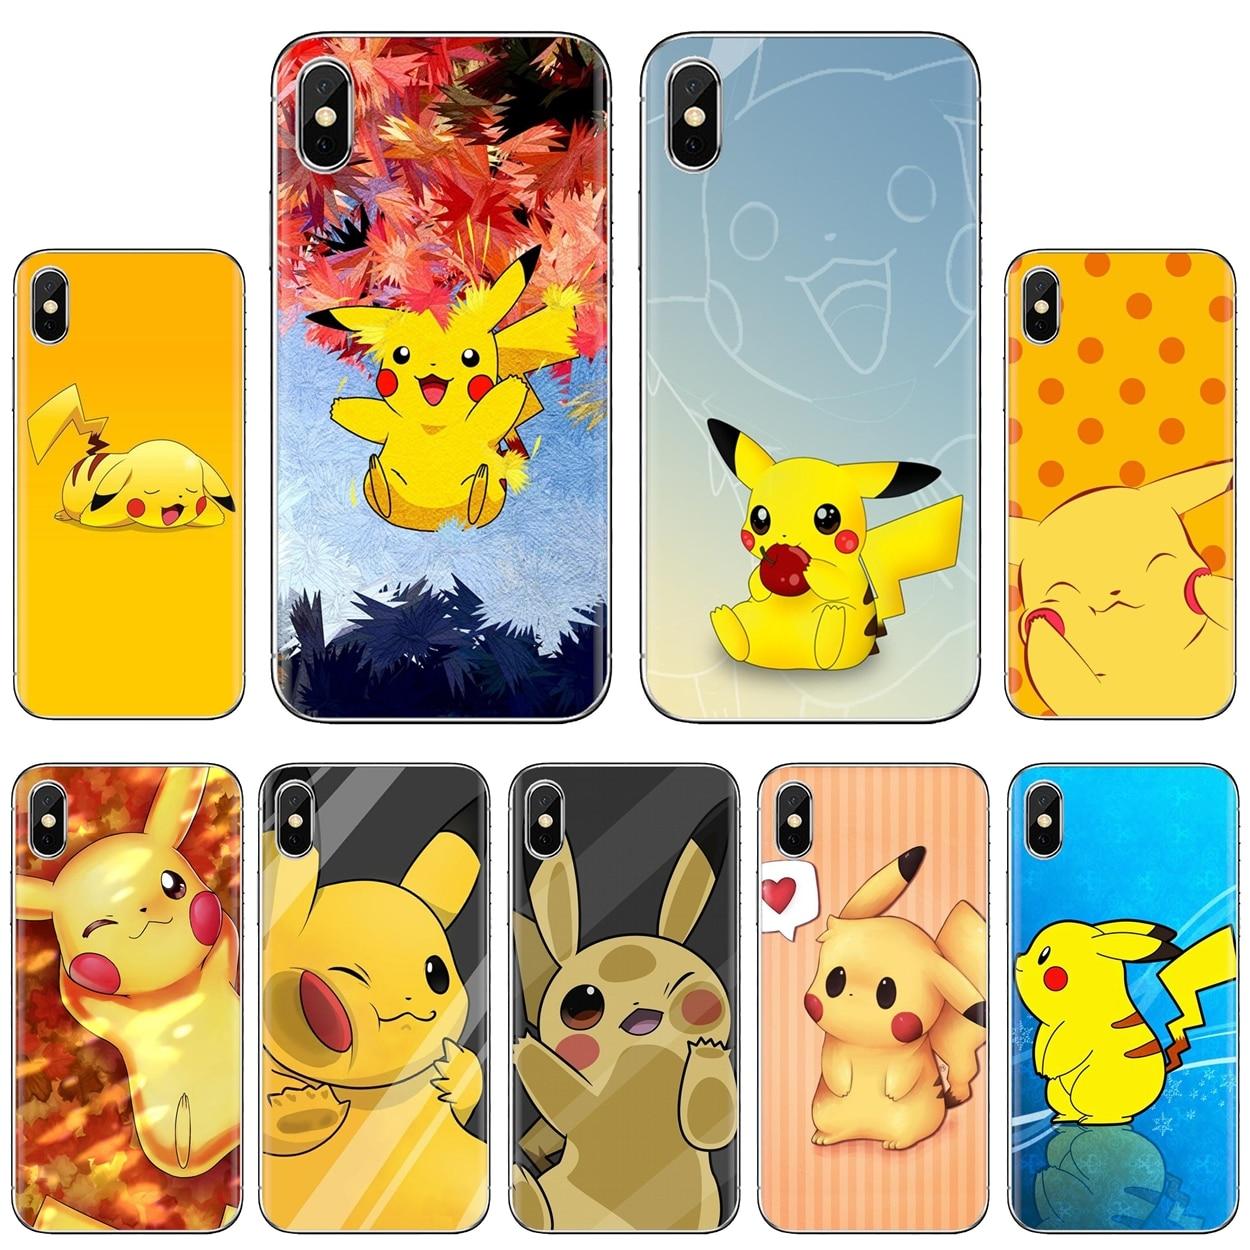 Lovely Cartoon Pikachu Art Japan For LG G2 G3 G4 Mini G5 G6 G7 Q6 Q7 Q8 Q9 V10 V20 V30 X Power 2 3 Spirit Silicone Shell Case